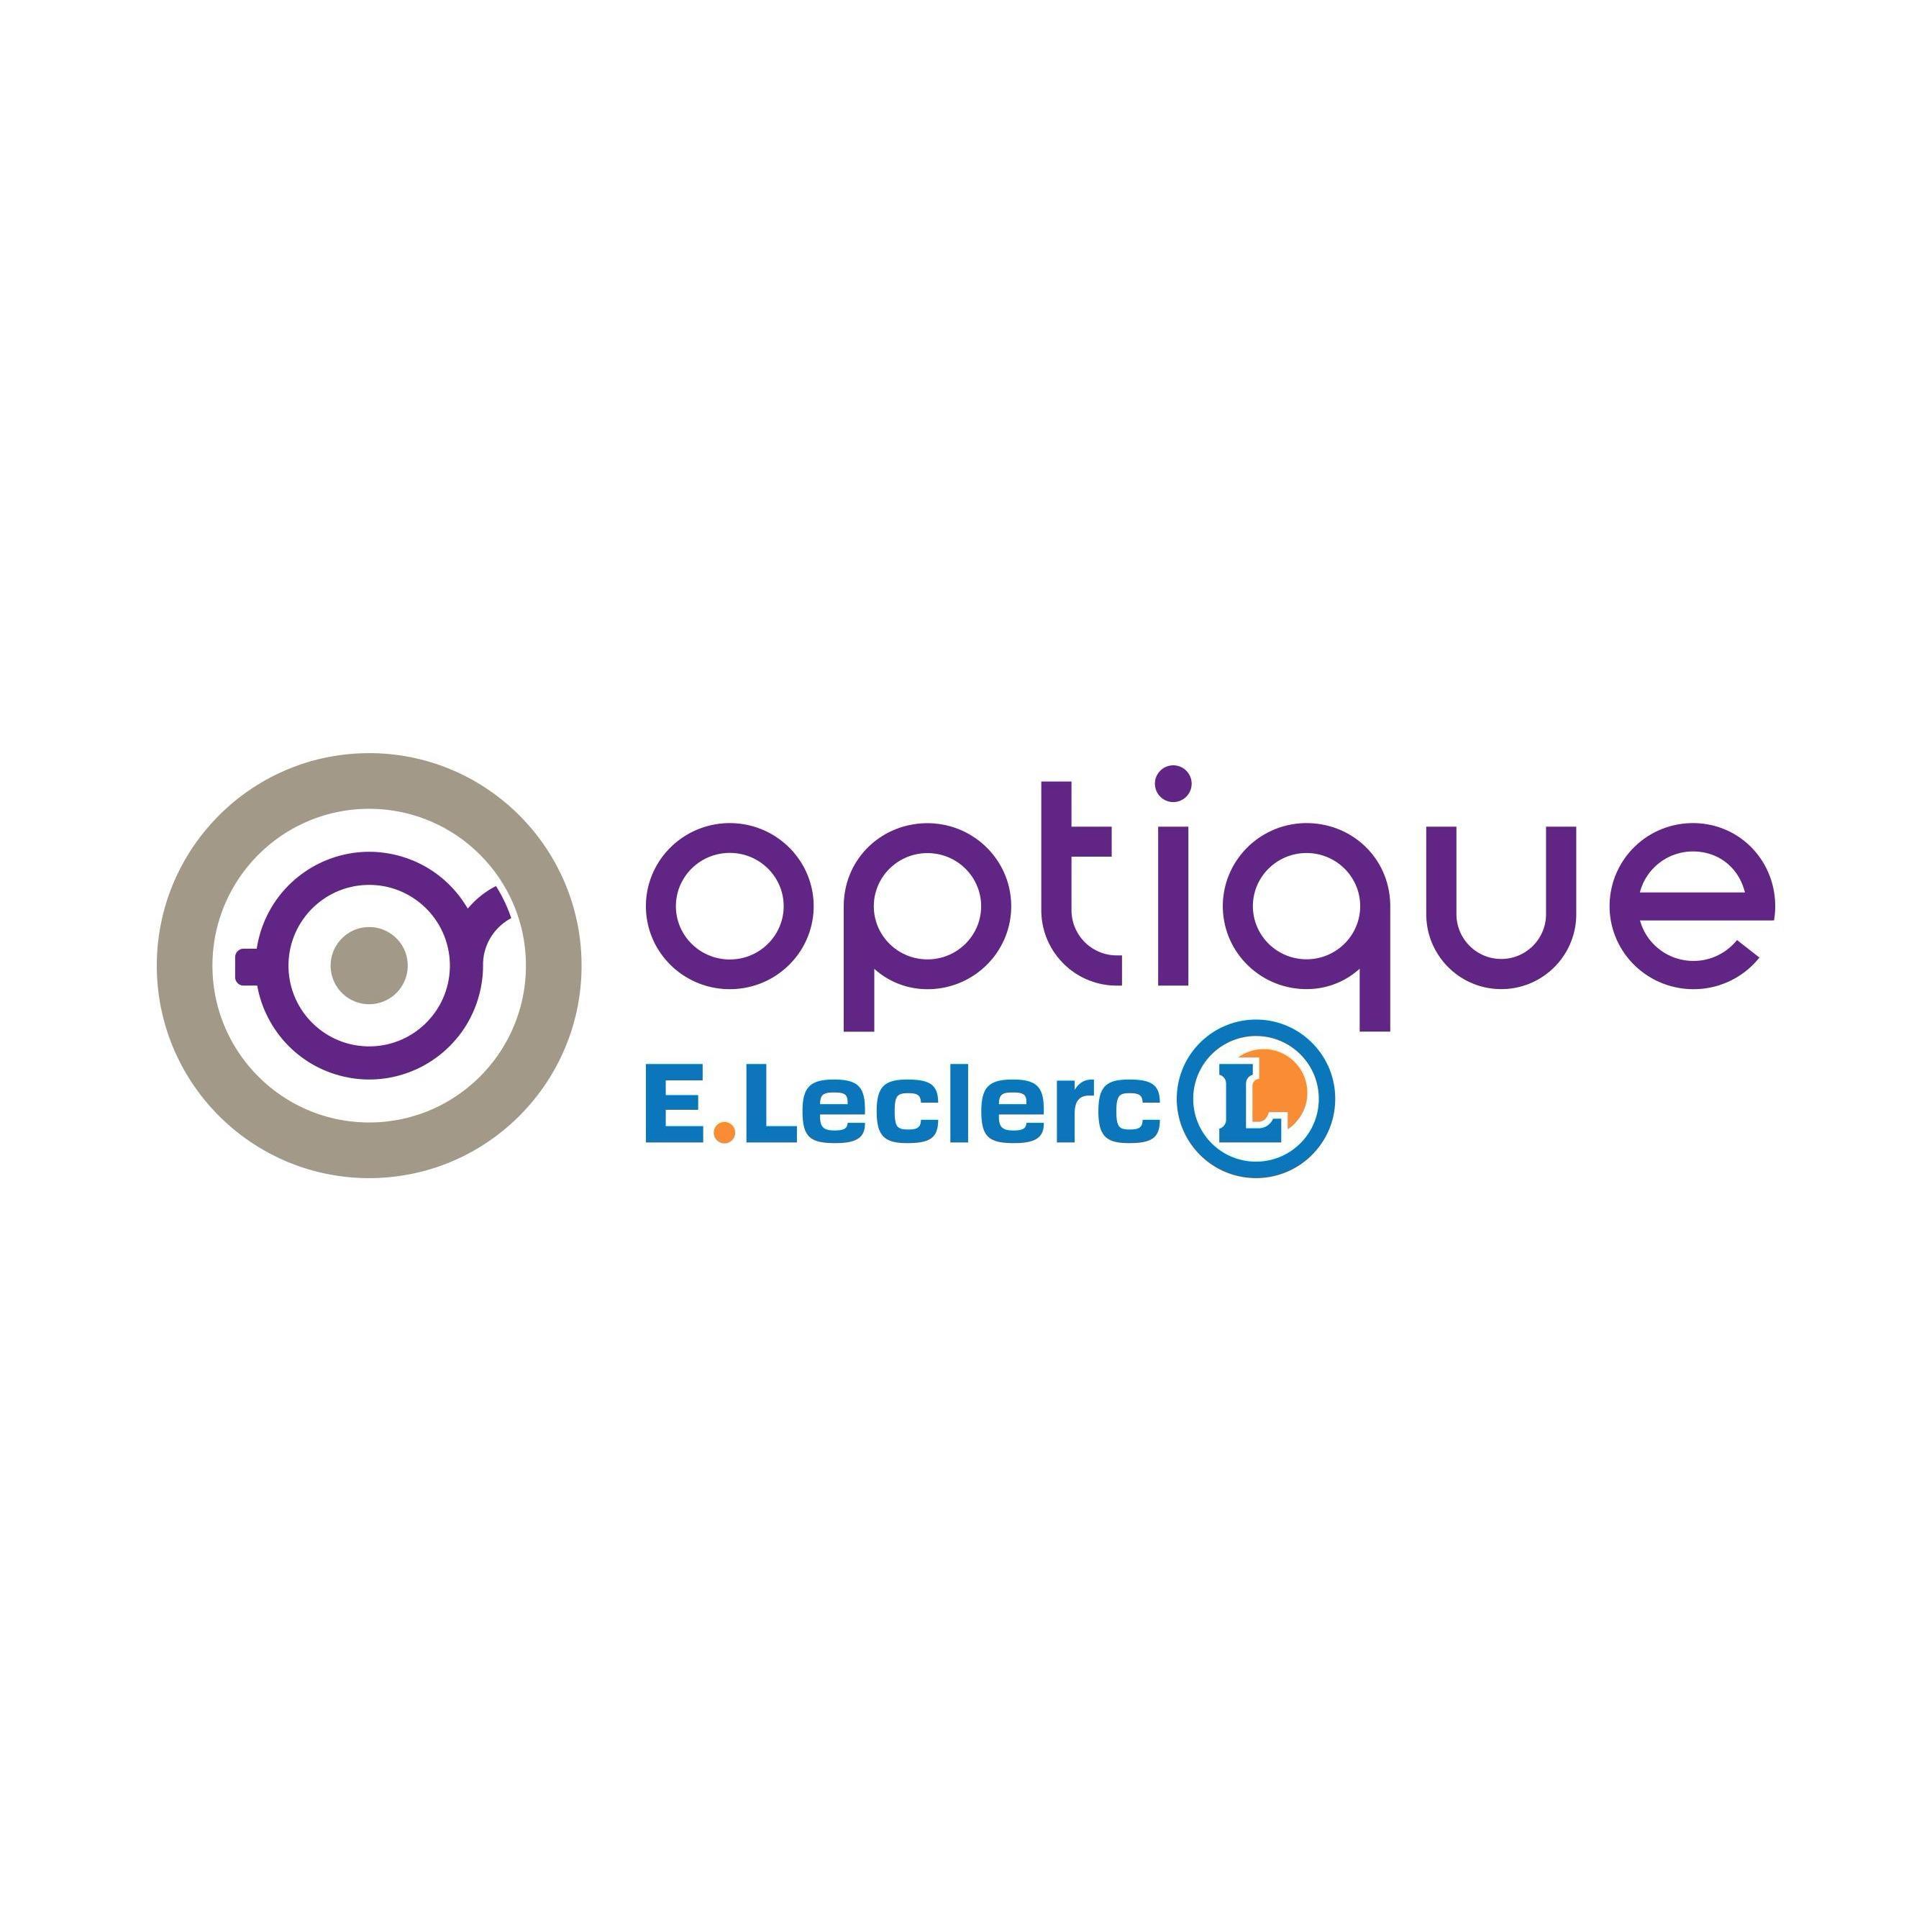 E.Leclerc Optique